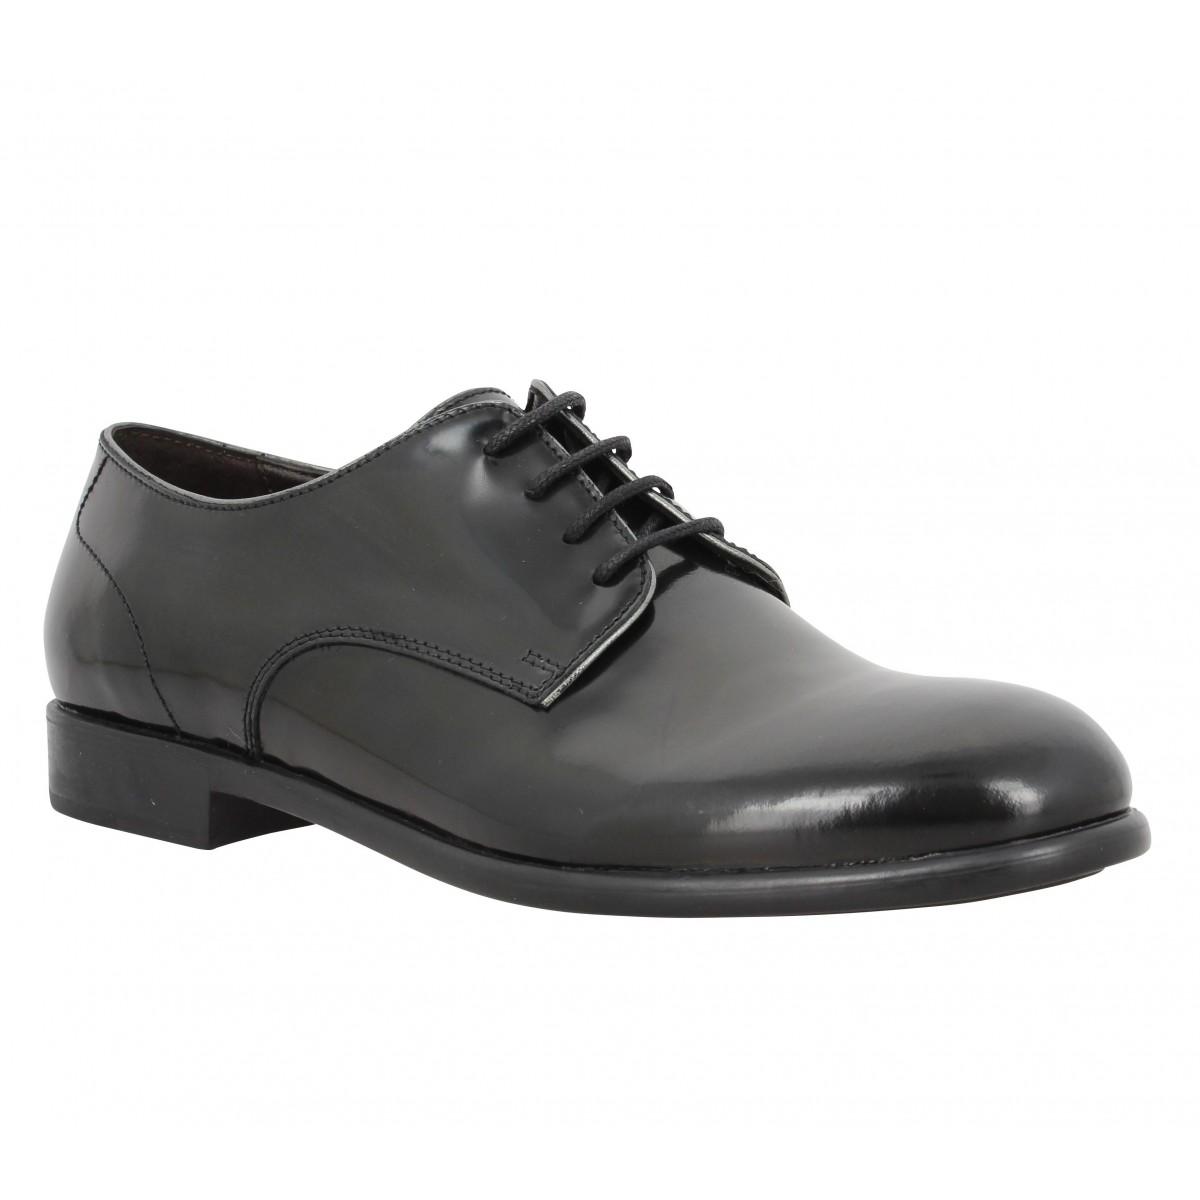 Chaussures à lacets TRIVER FLIGHT 165 37 cuir Femme Noir